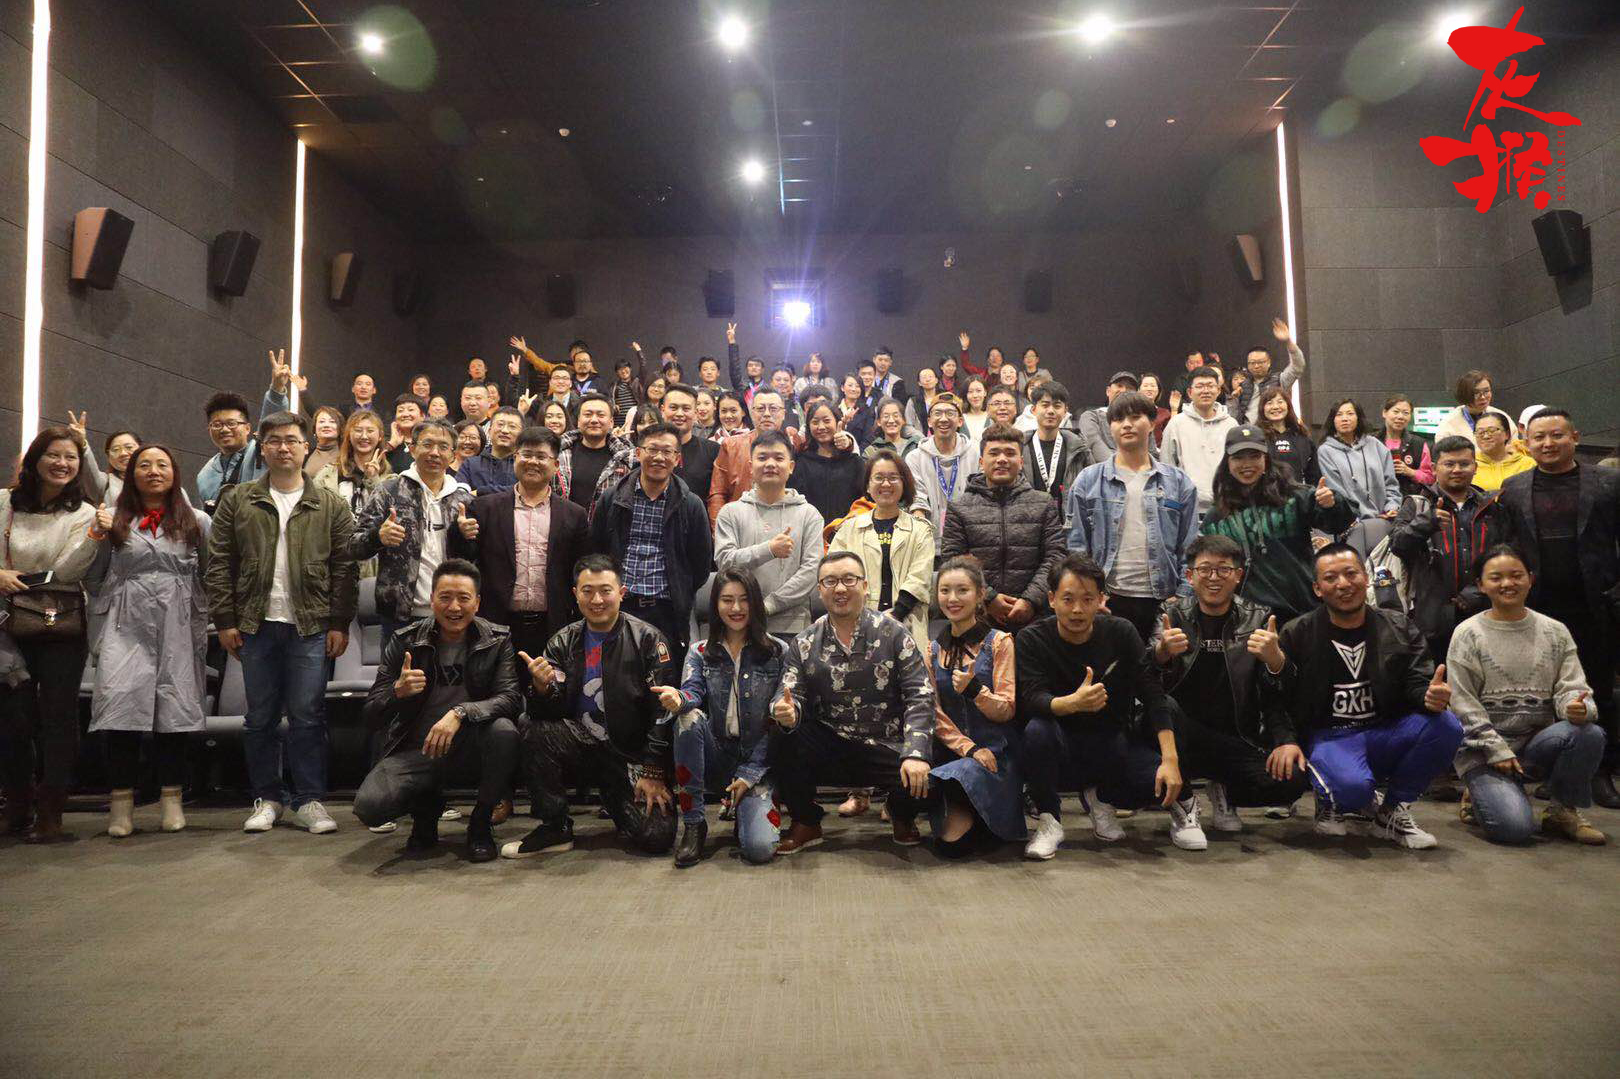 《灰猴》平遥国际影展亚洲首映 全程爆笑获赞人气最高